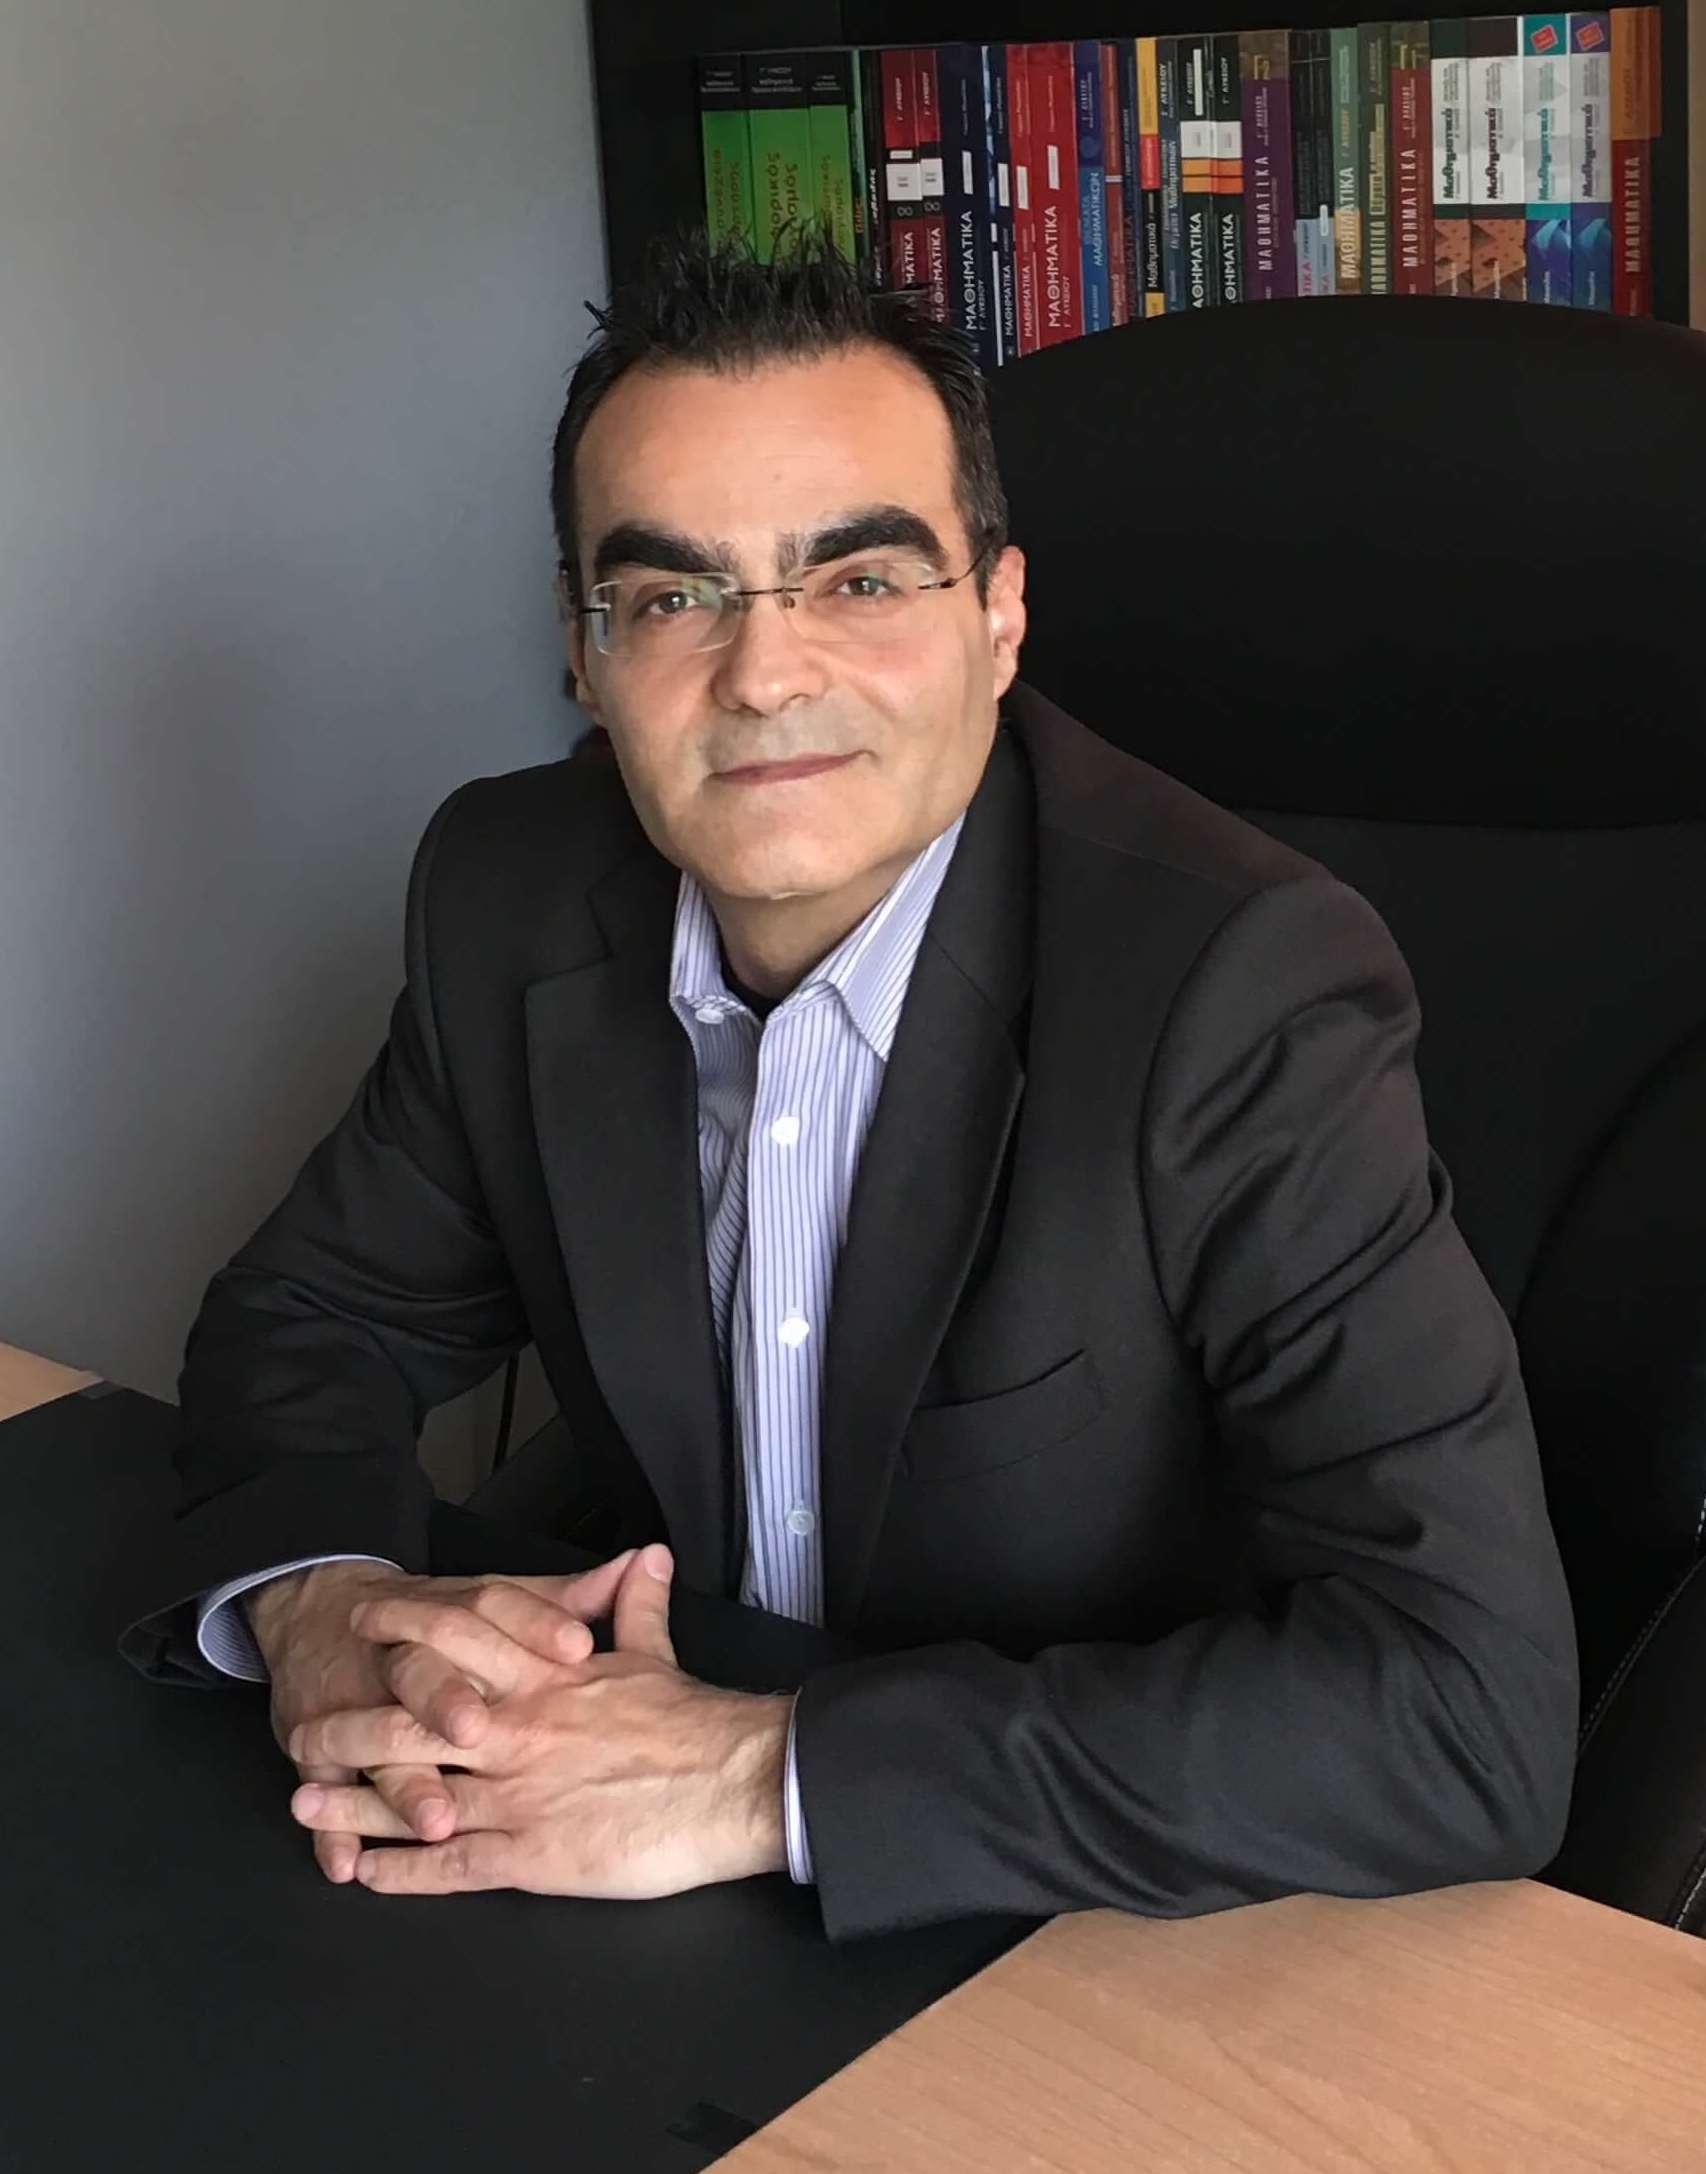 Δημήτρης Μοσχόπουλος Μαθηματικό στέκι